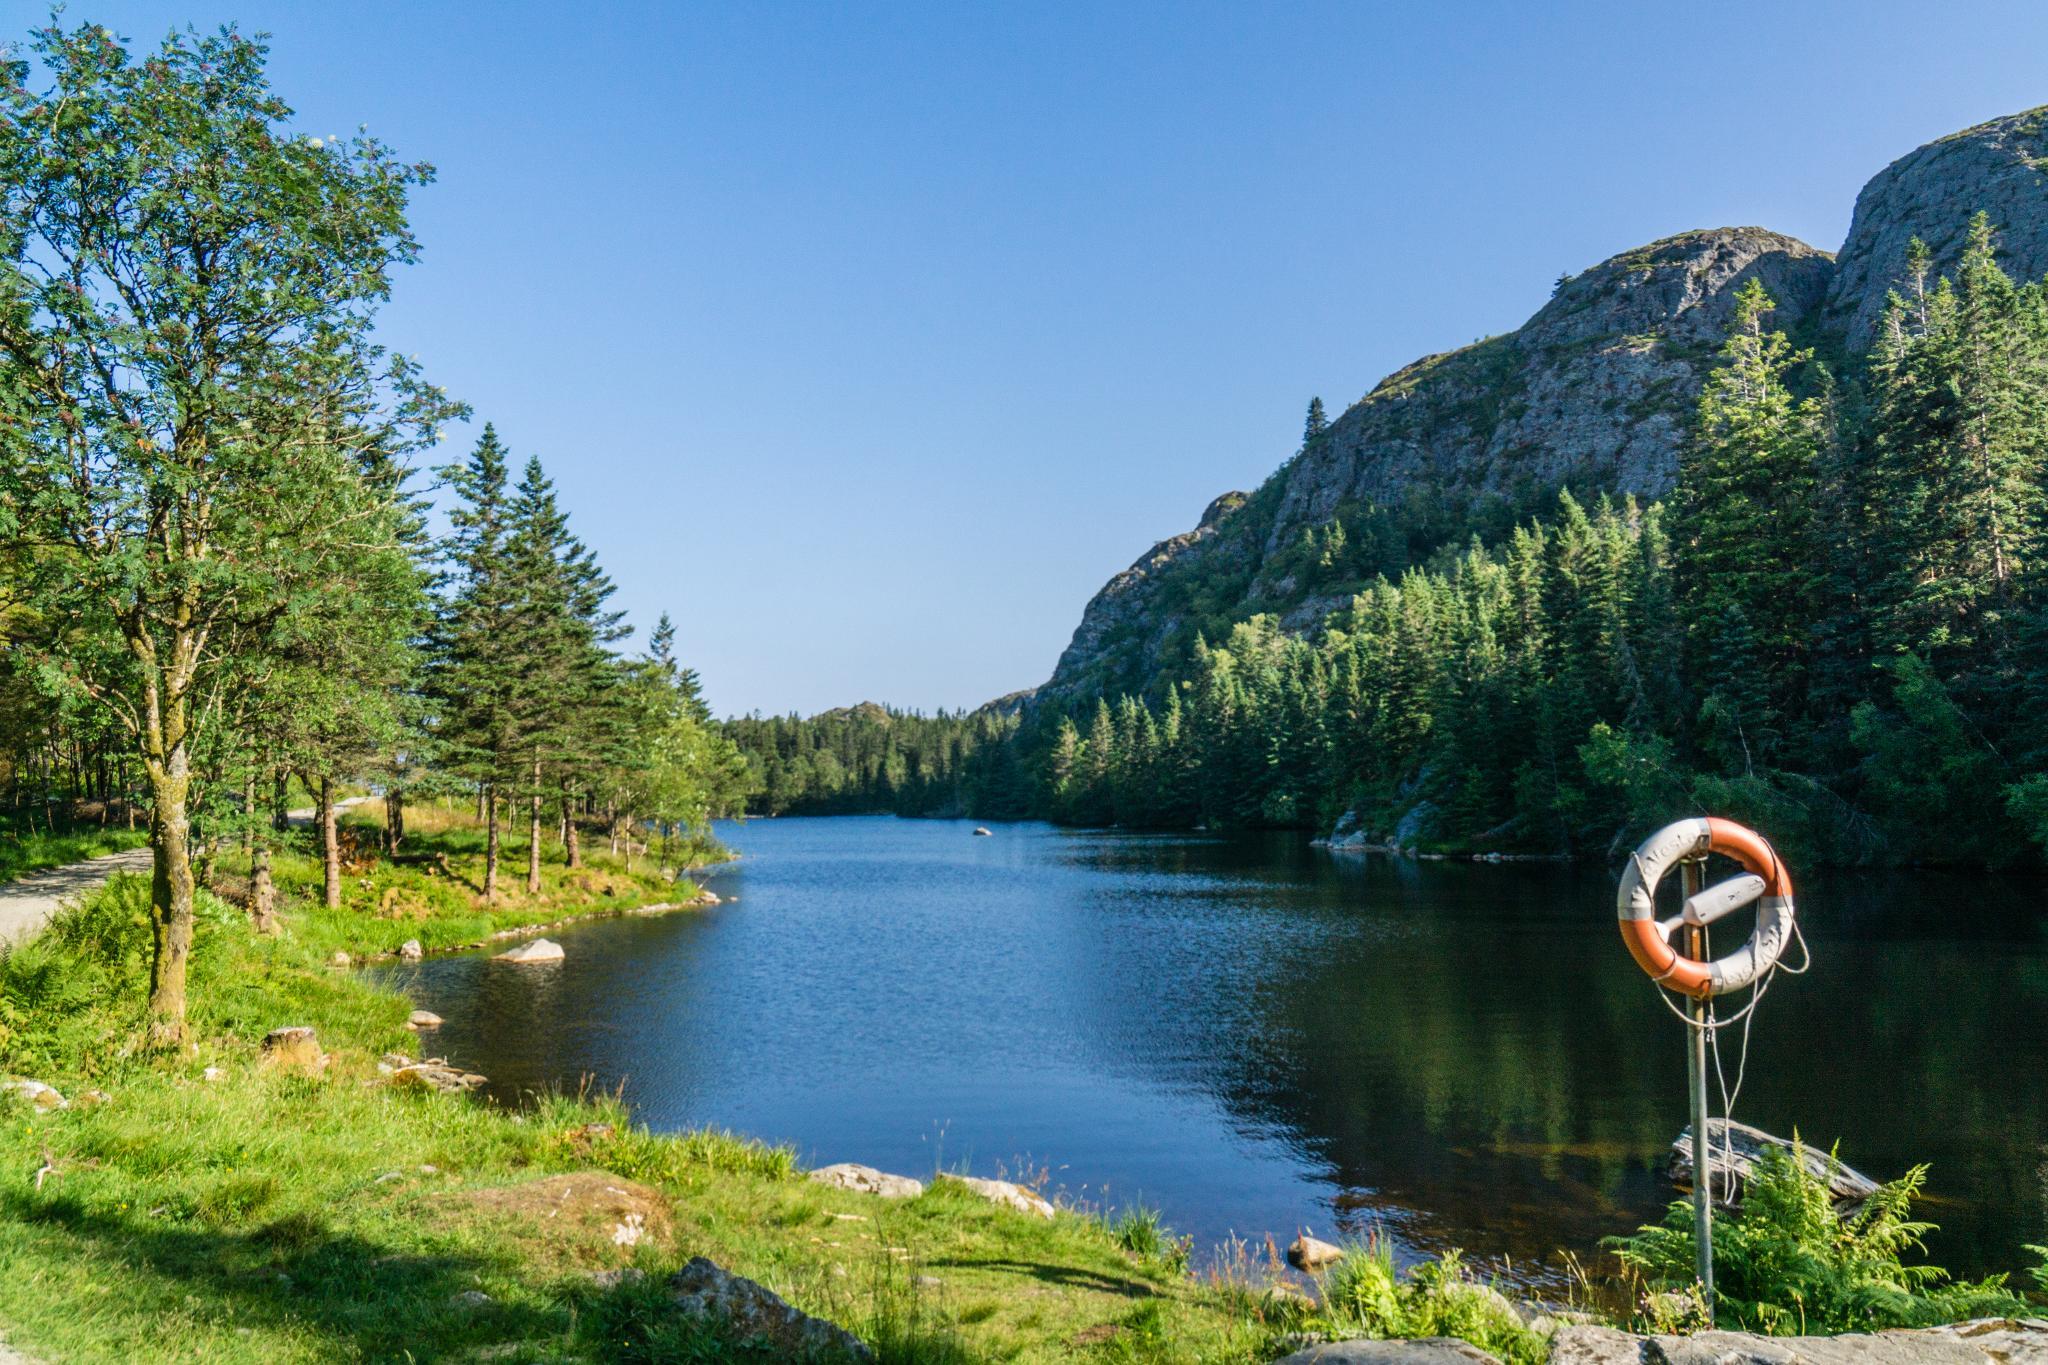 【卑爾根】超級震撼的隱藏版挪威景點 — Stoltzekleiven桑德維克斯石梯與Fløyen佛洛伊恩觀景台大縱走 20